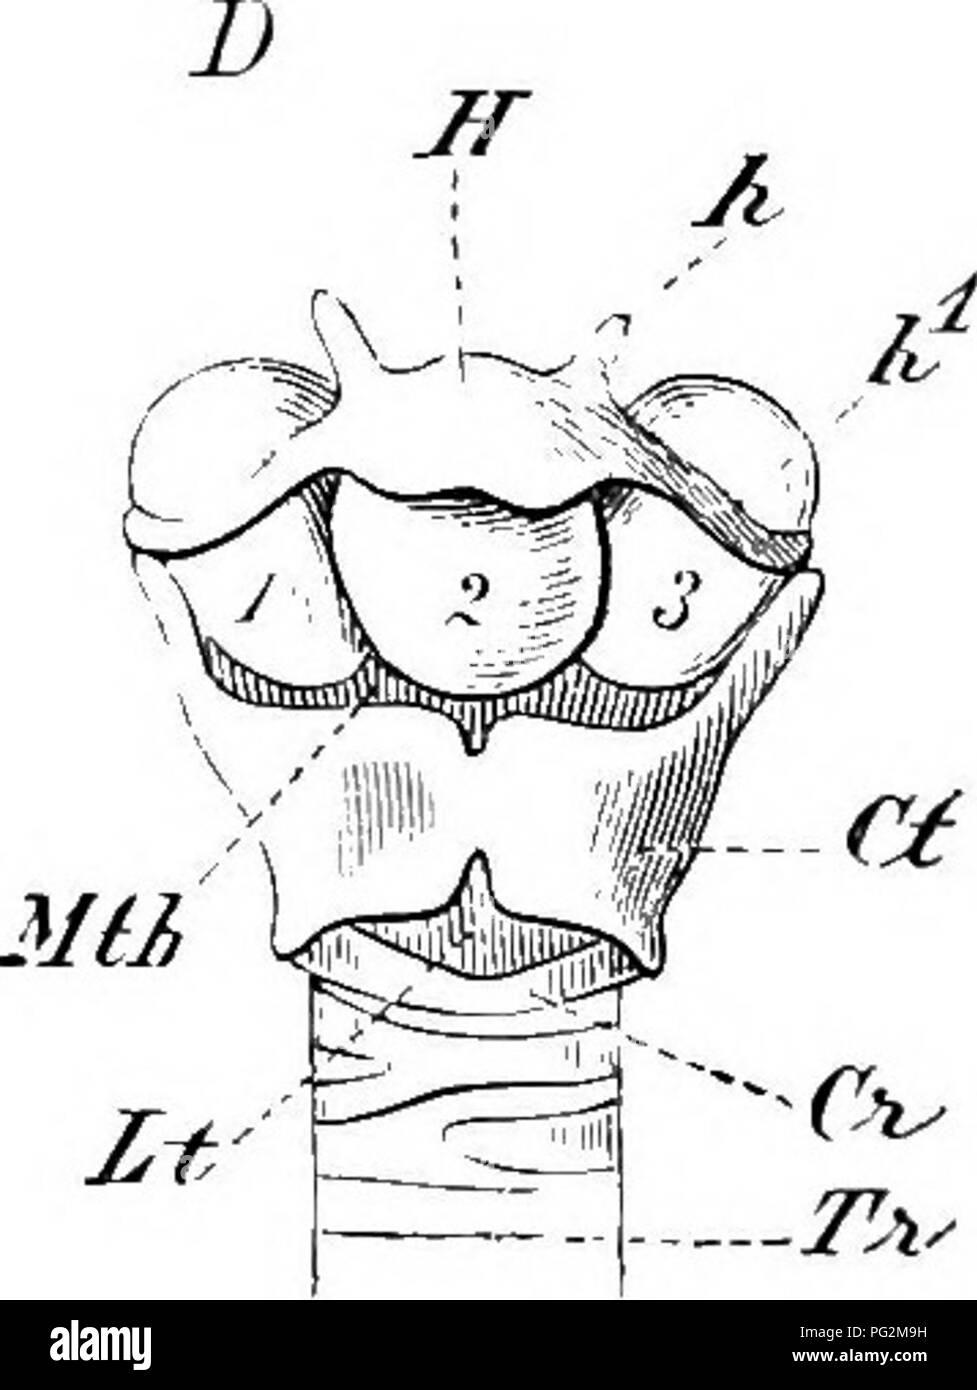 Cartilage Rings Imágenes De Stock & Cartilage Rings Fotos De Stock ...